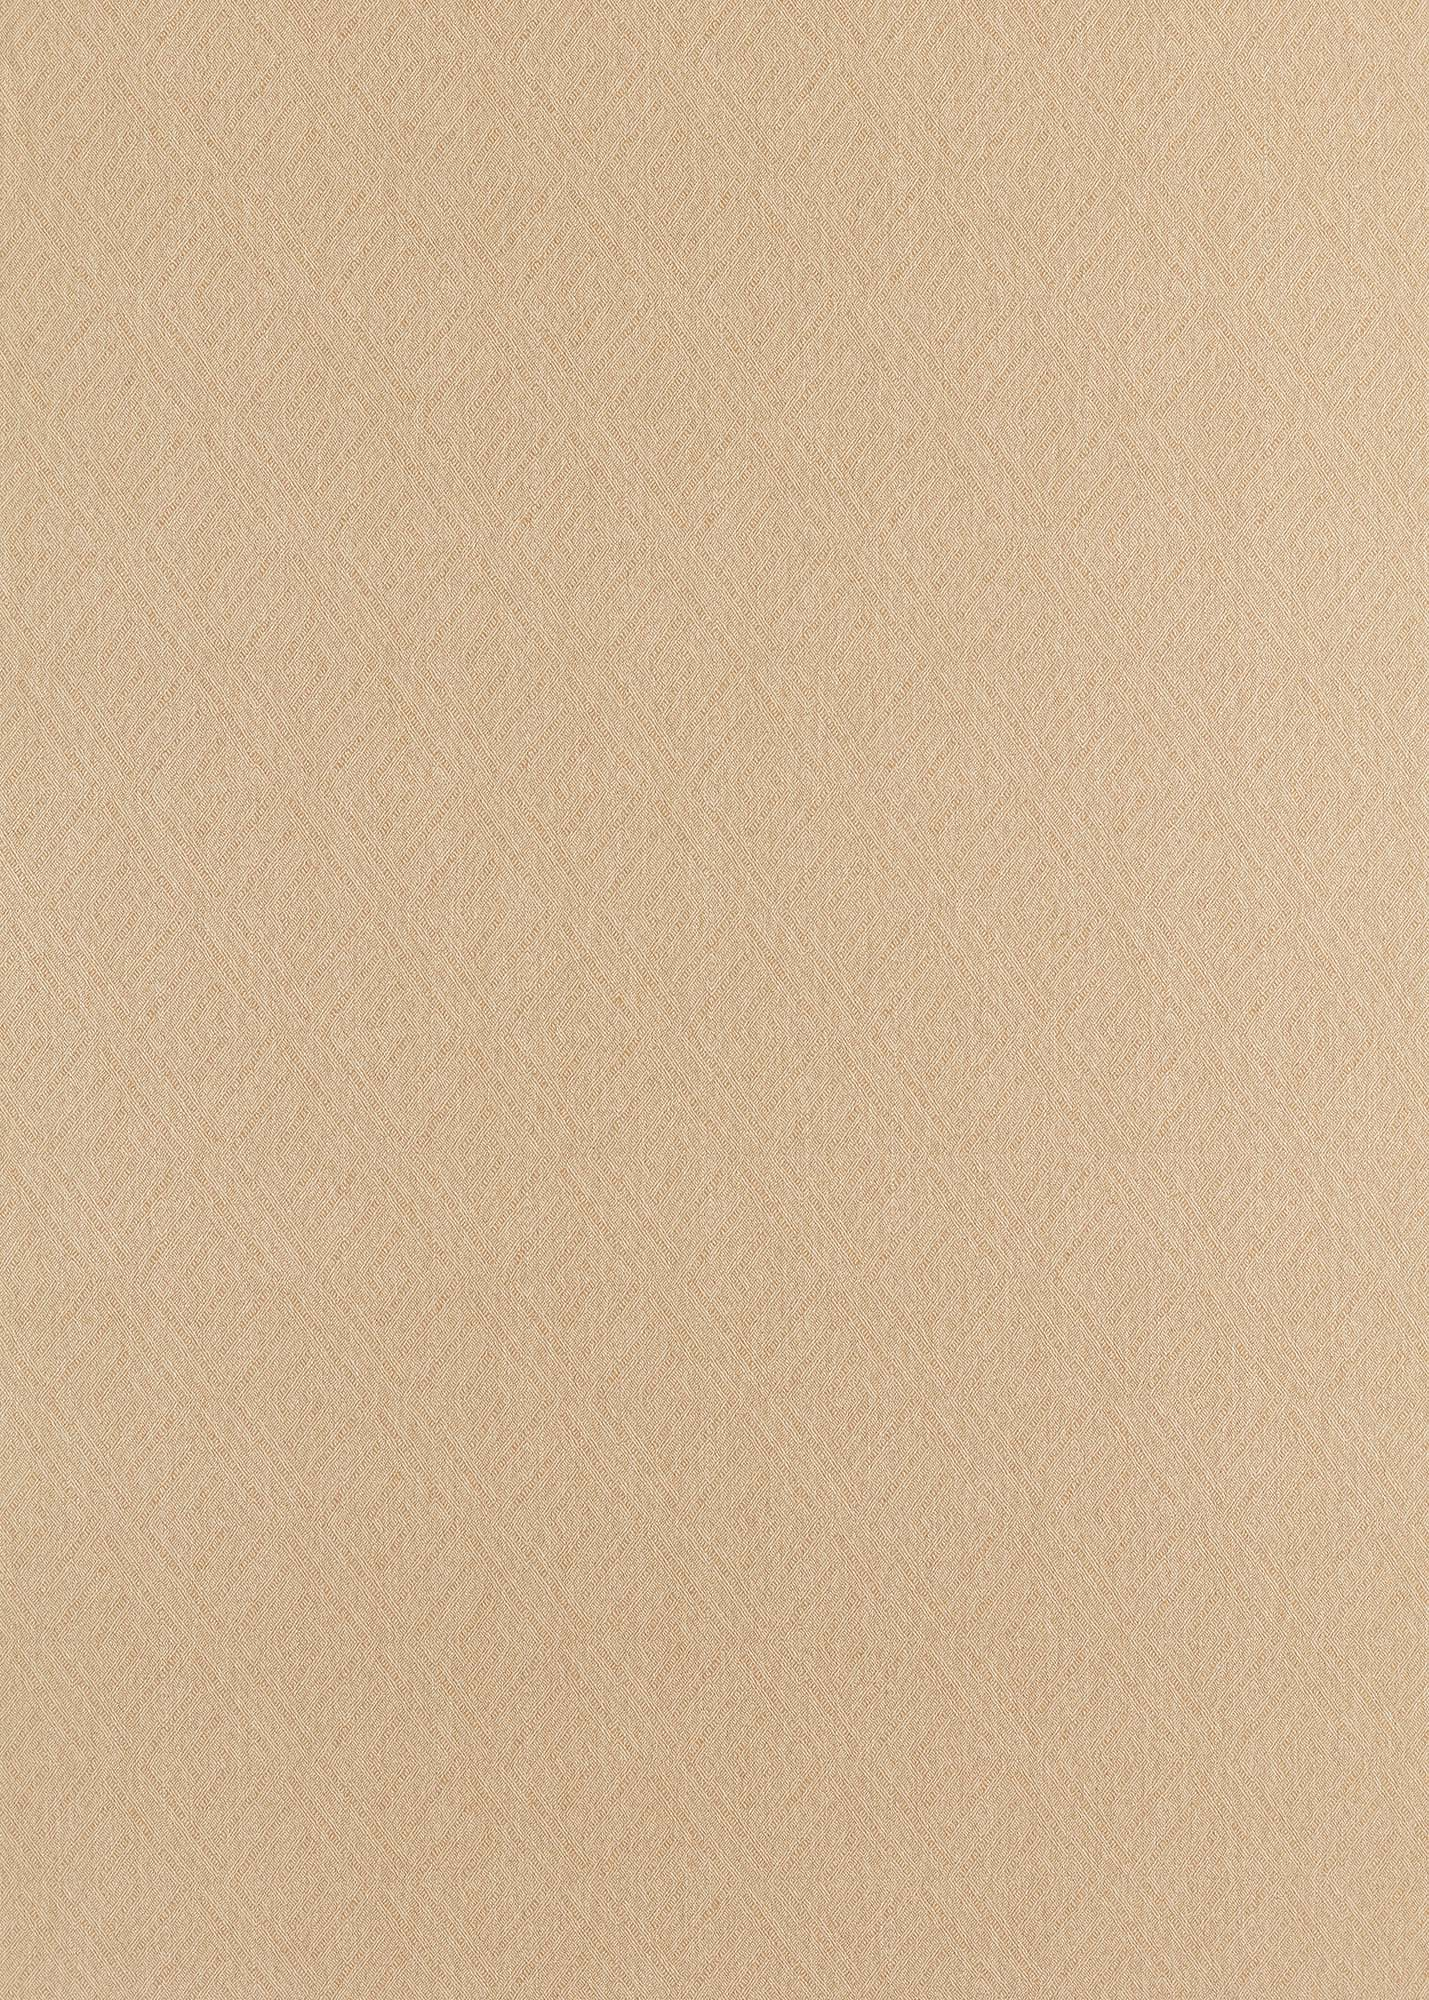 ウィリアムモリス生地 Lethaby Weave 236834